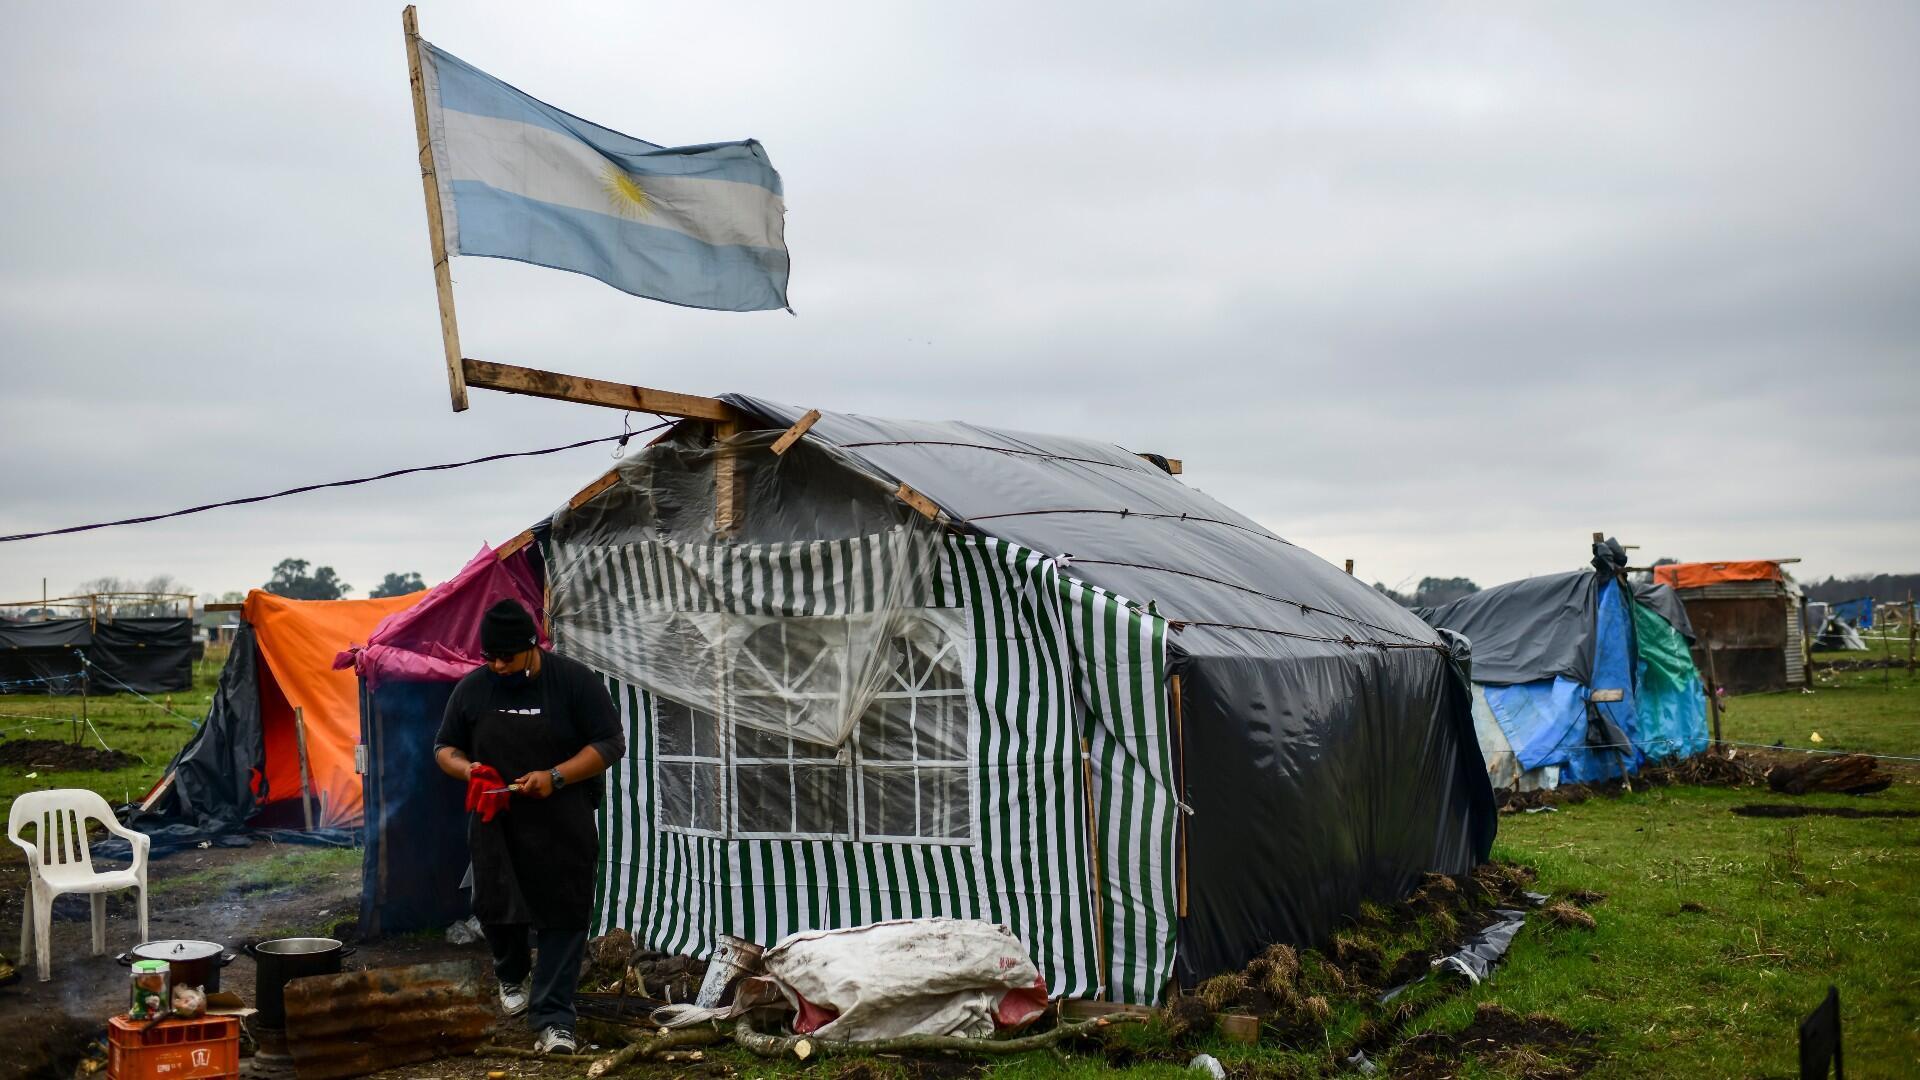 Un hombre cocina mientras una bandera argentina ondea en el viento sobre una carpa instalada en un terreno ocupado por personas sin hogar, en las afueras de Guernica, en la provincia de Buenos Aires, Argentina, el 28 de agosto de 2020.